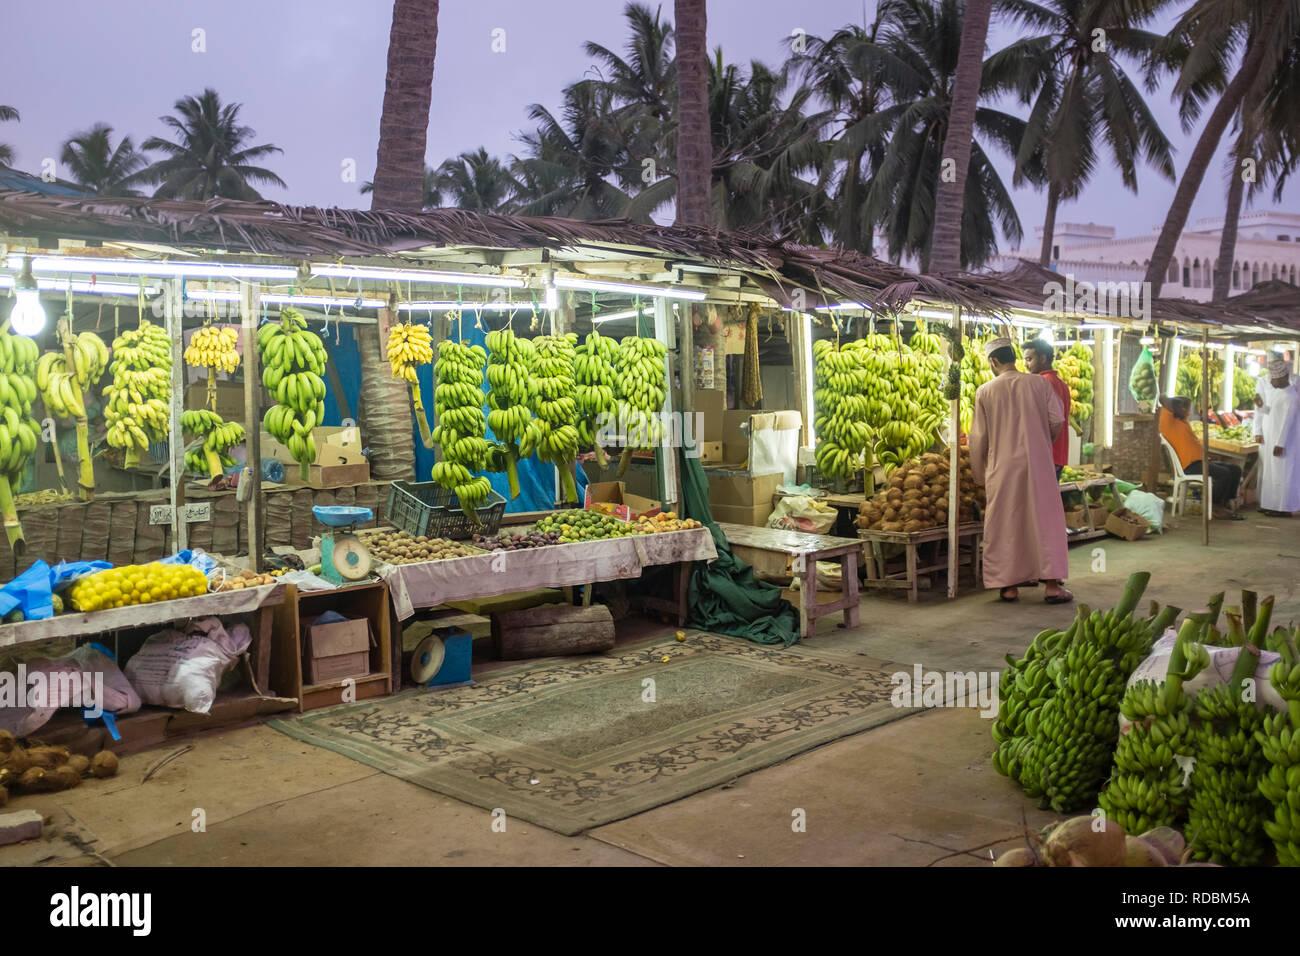 Salalah Oman Market Stock Photos & Salalah Oman Market Stock